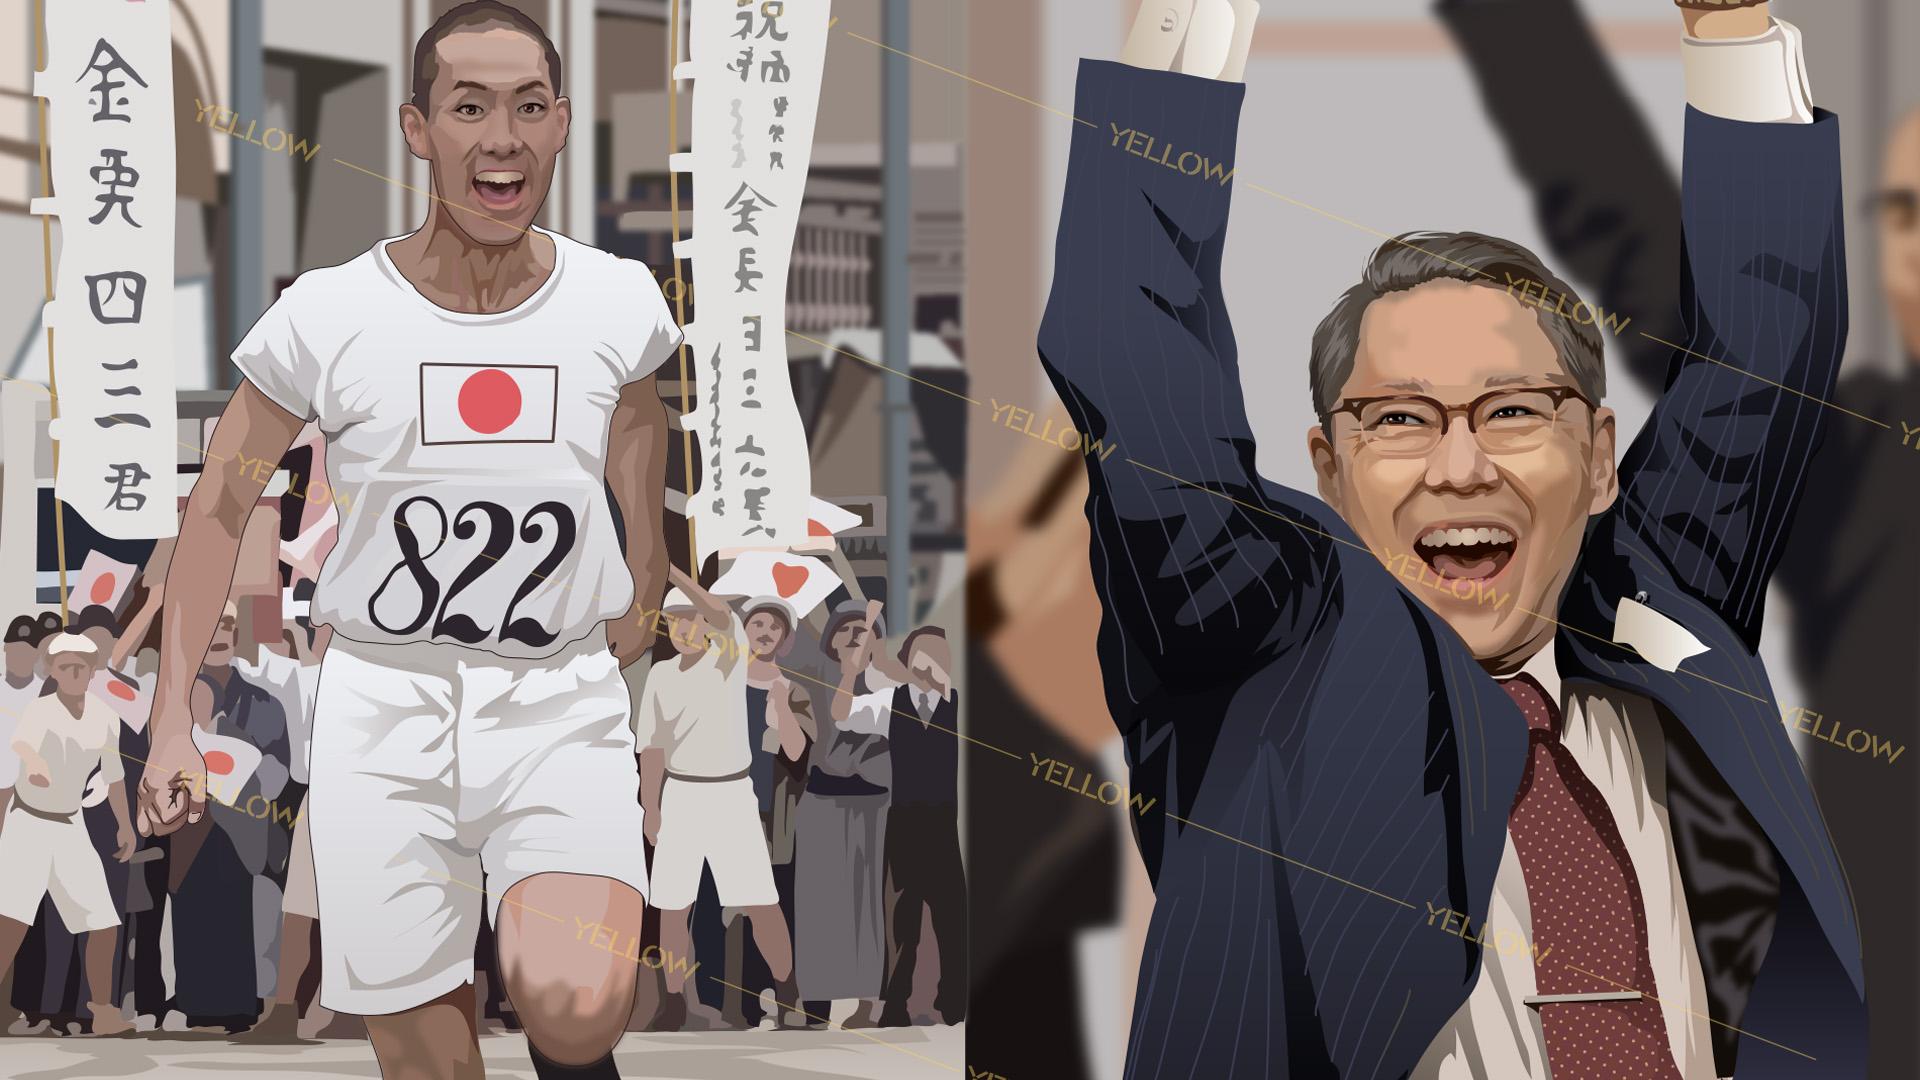 いだてん_中村勘九郎_阿部サダヲ